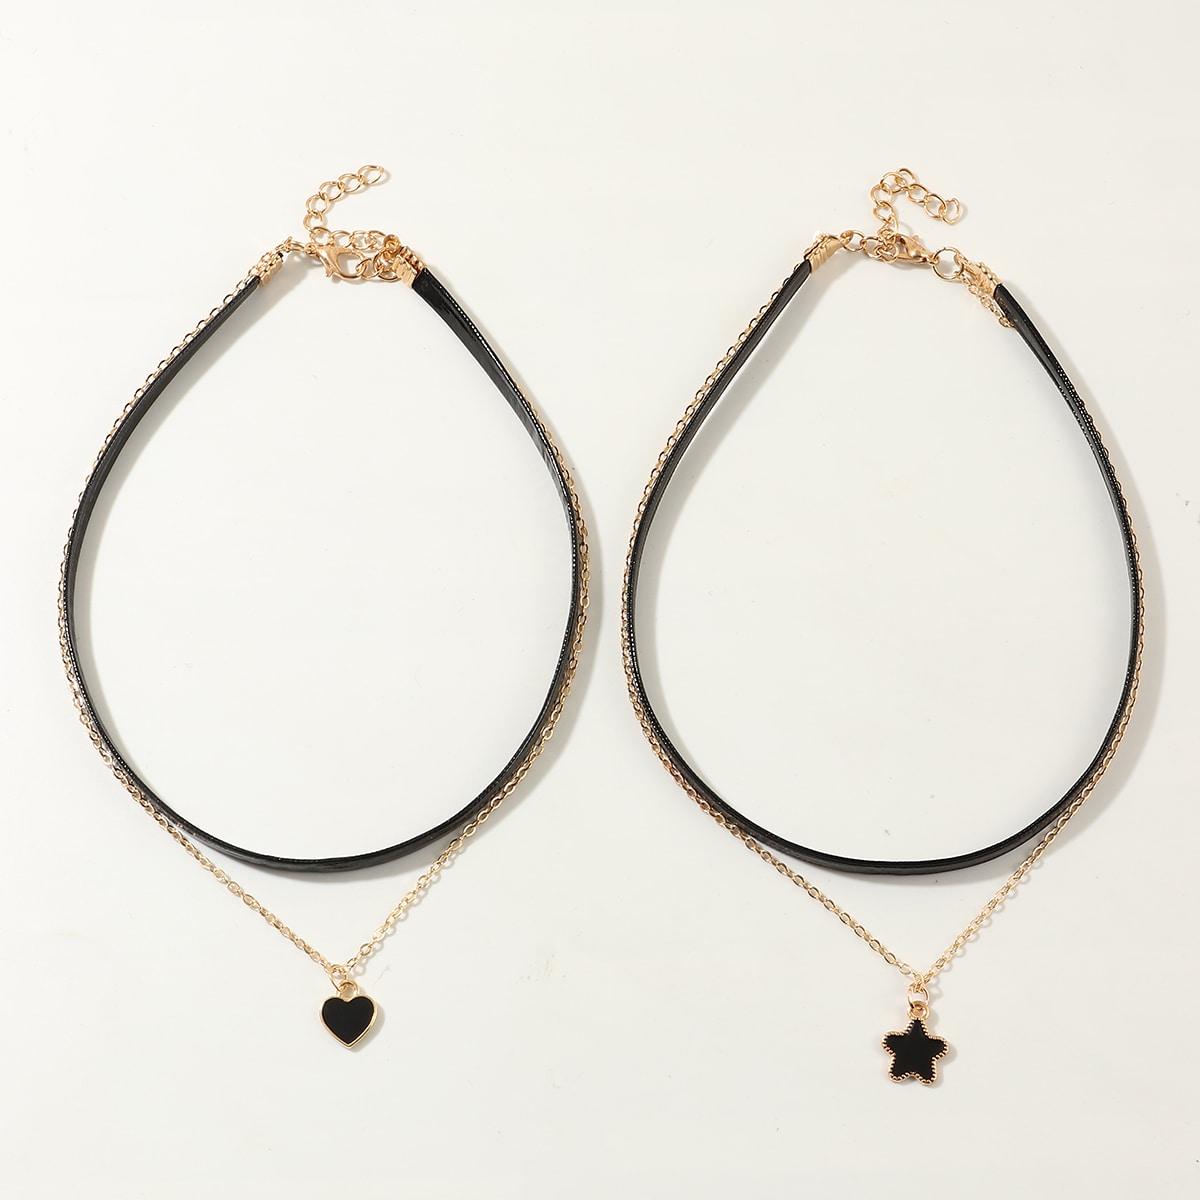 SHEIN / 2 Stücke Mädchen Halskette mit Herzen & Stern Anhänger